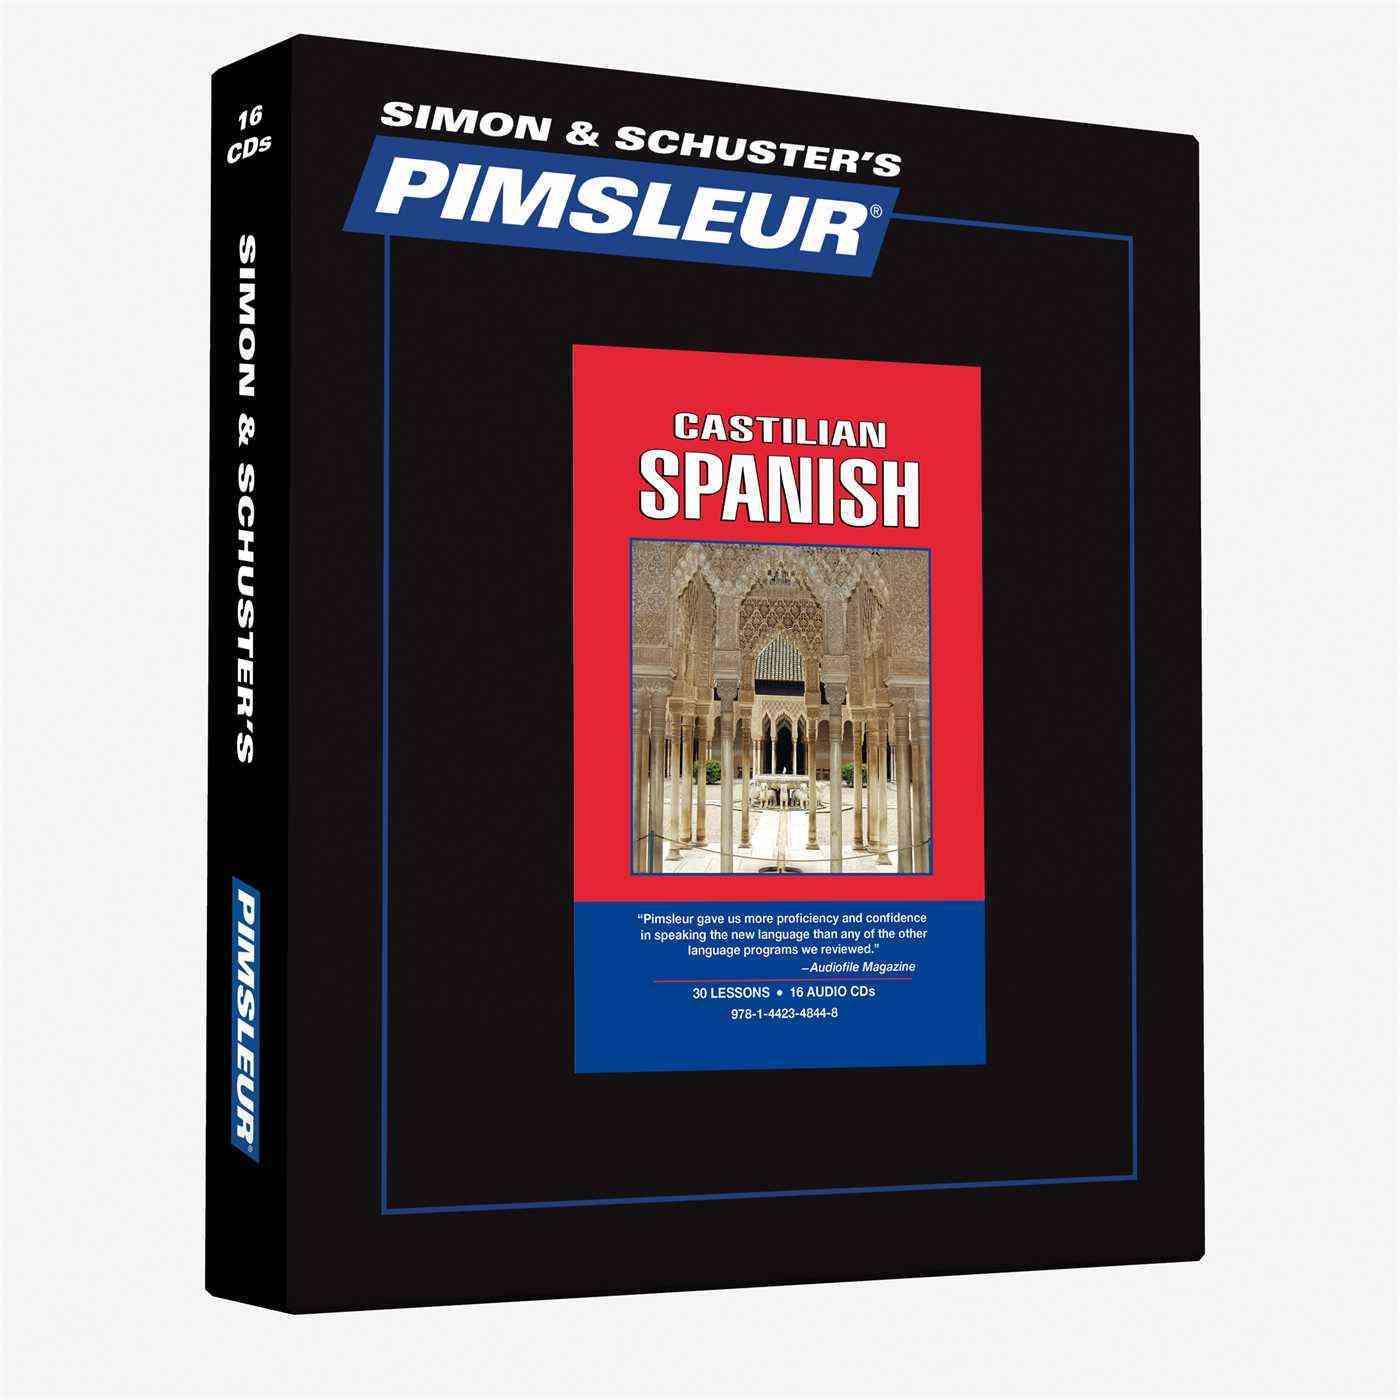 Pimsleur Castilian Spanish: 30 Lessons